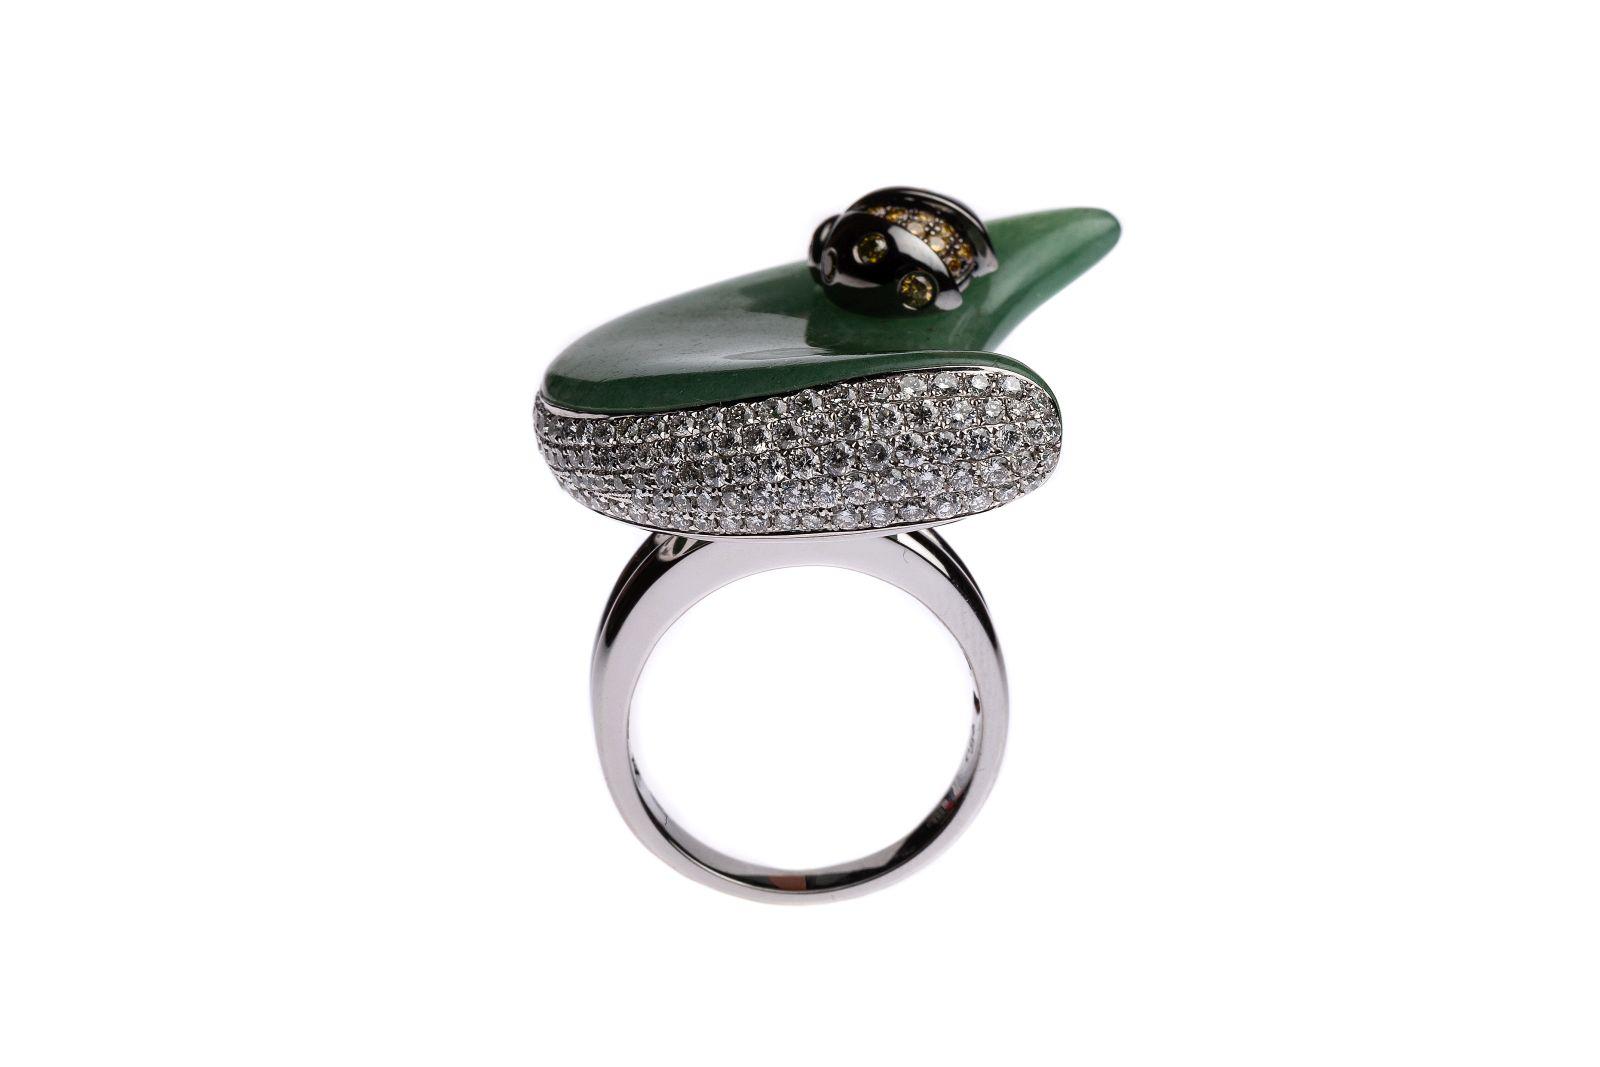 #93 Jade-ring | Jade-Ring Image